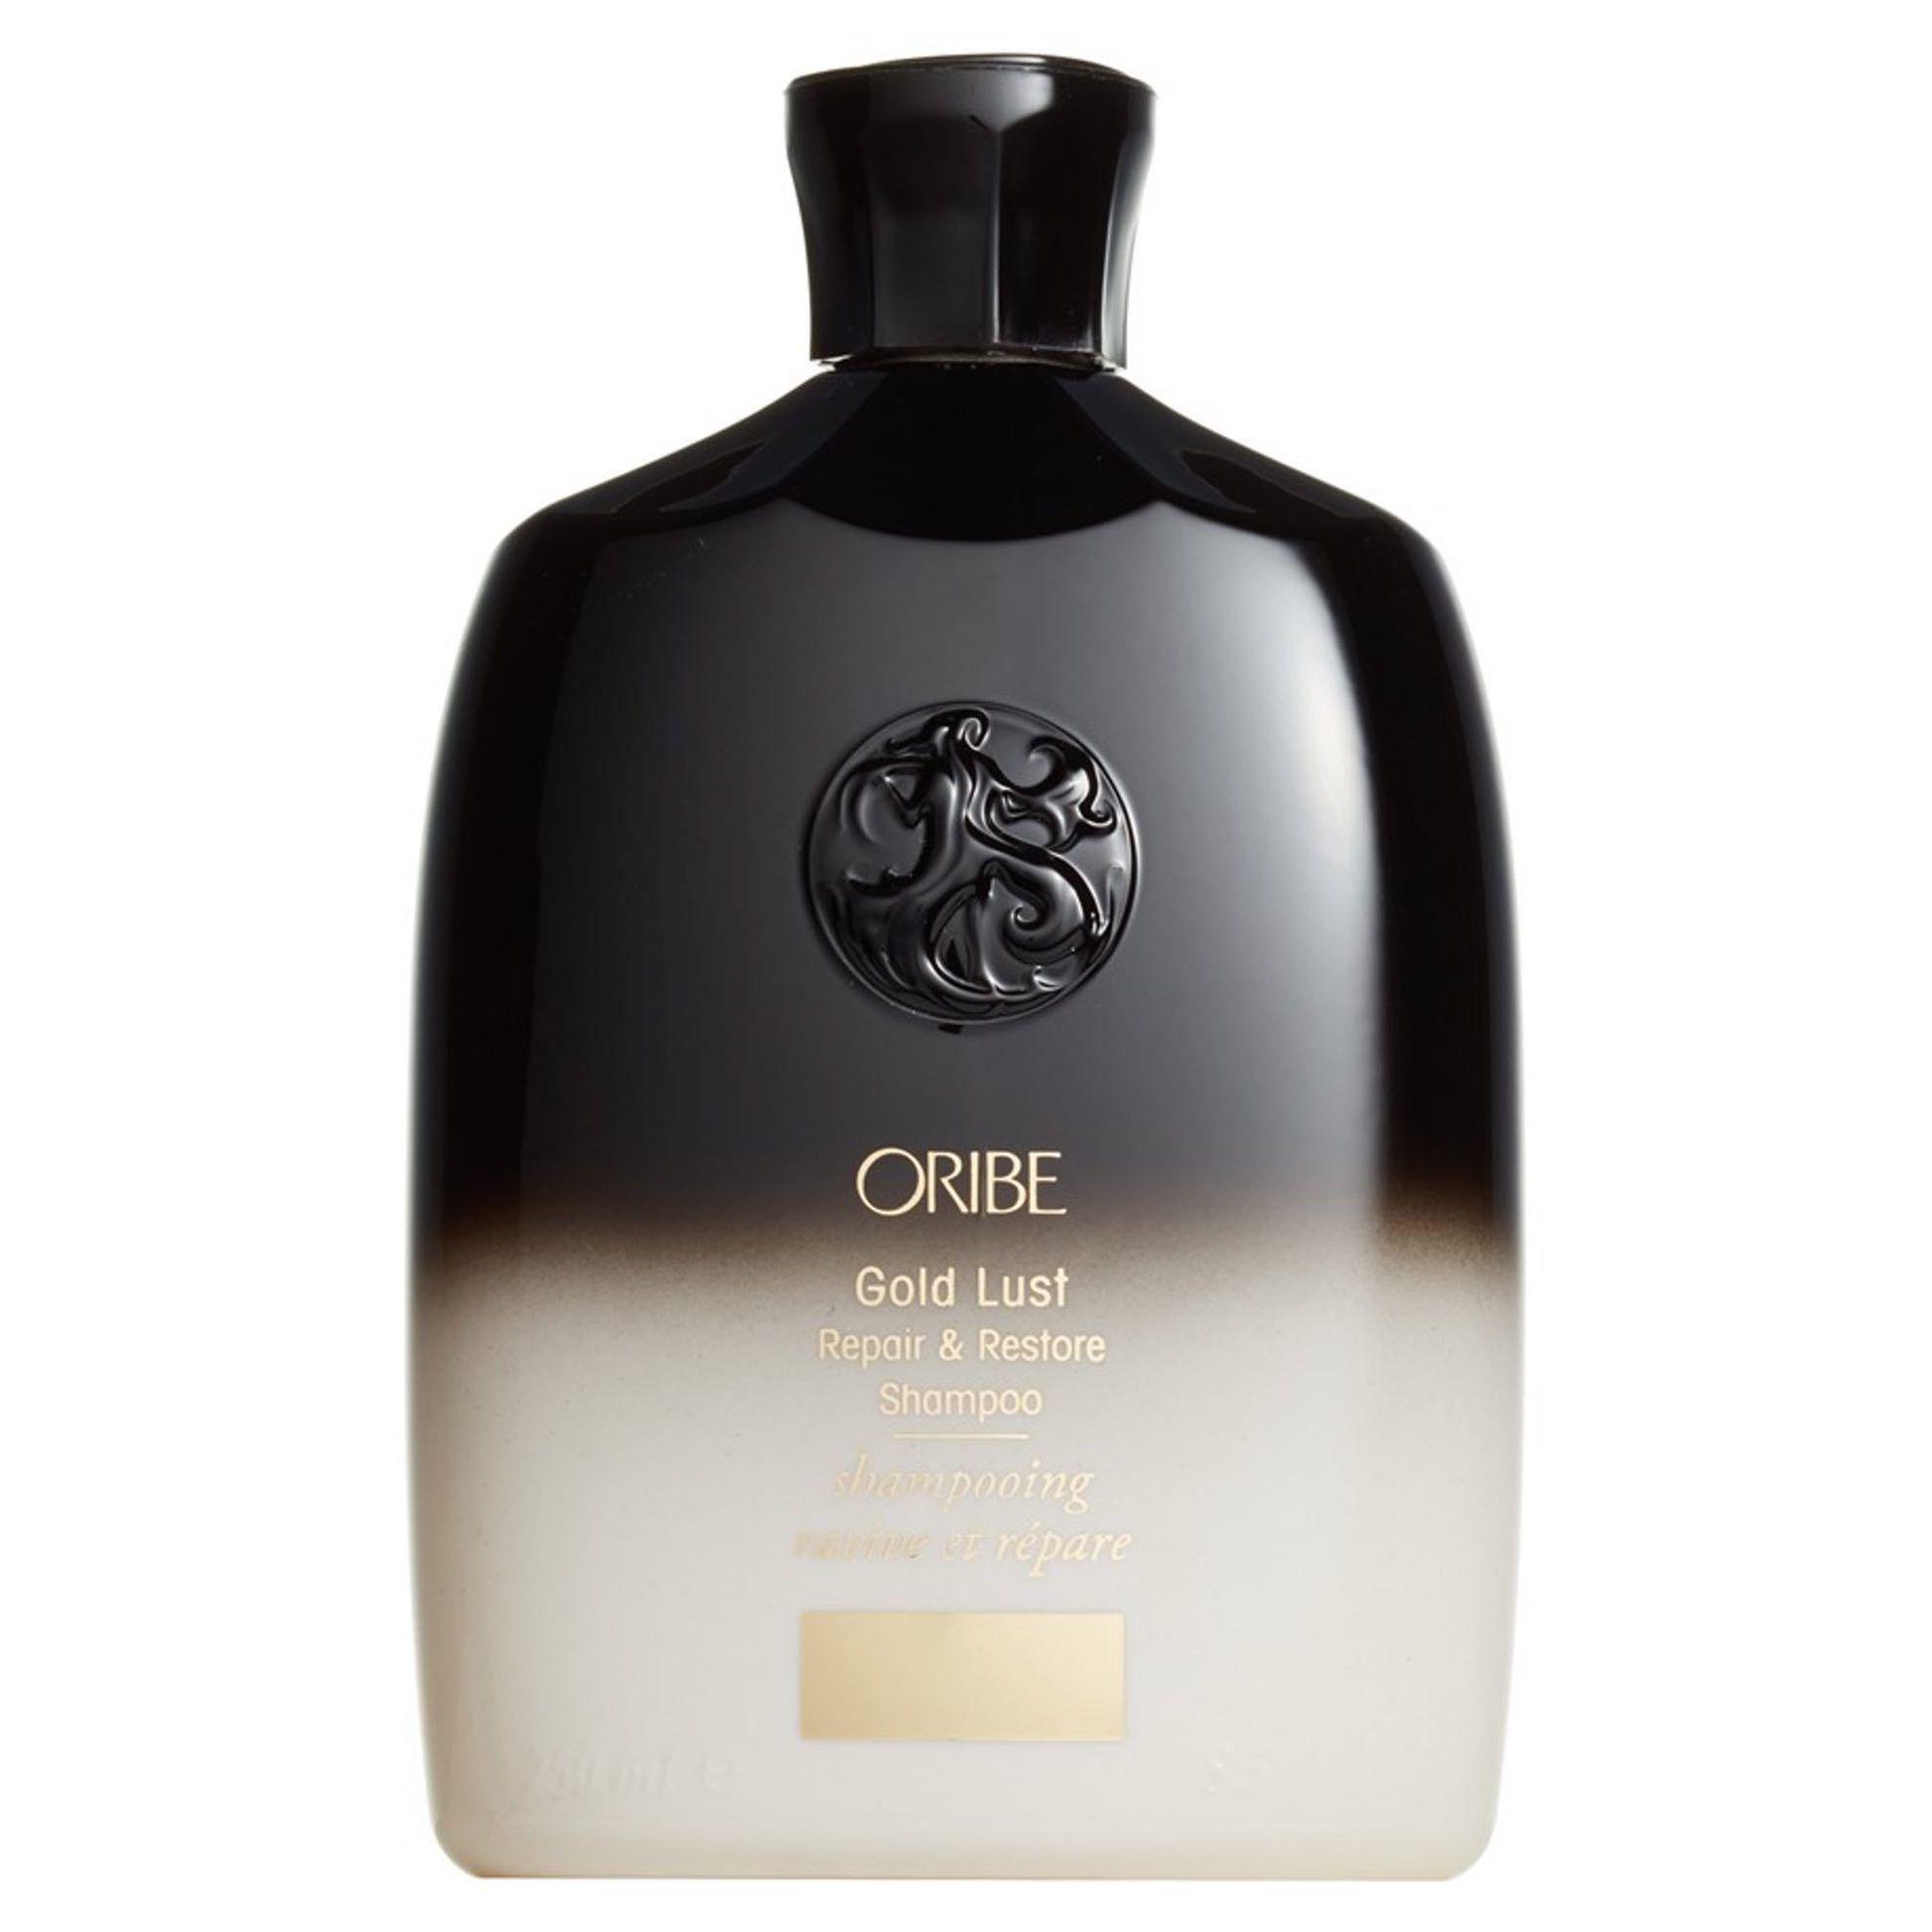 oribe shampoo